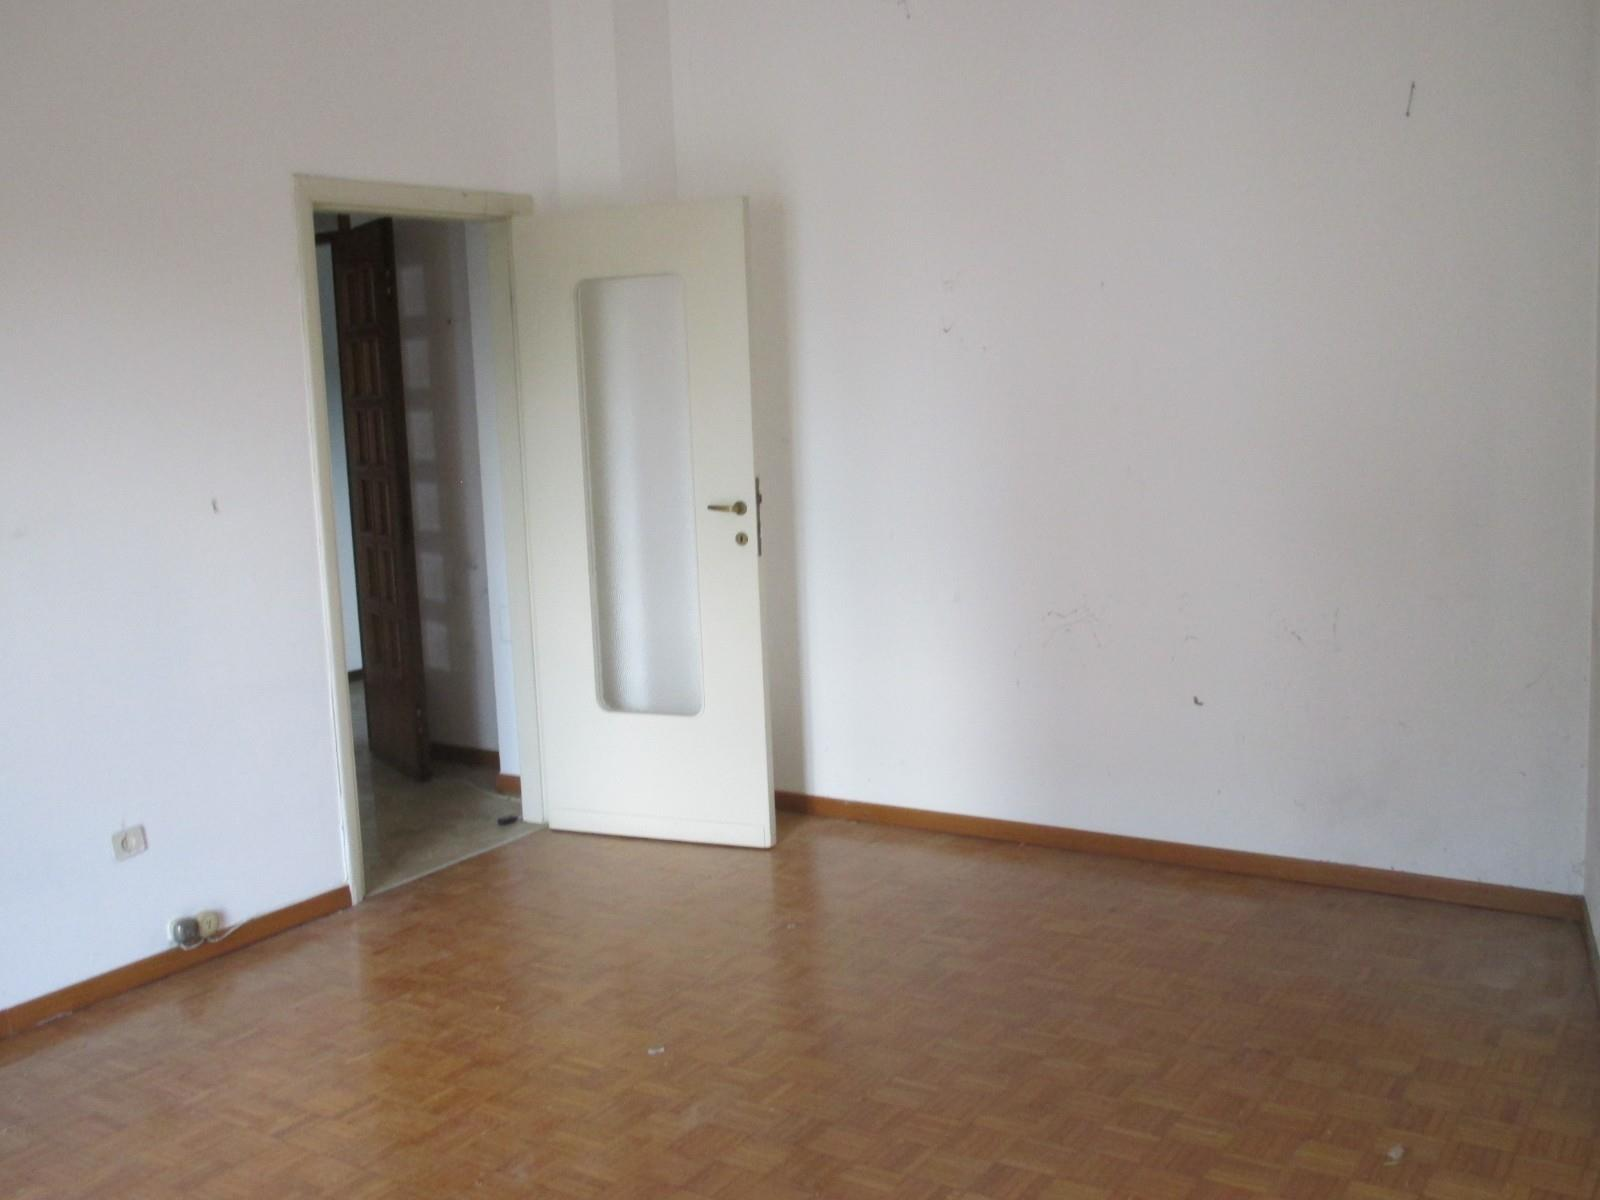 Foto 11 - Appartamento in Vendita - Seveso (Monza e Brianza)